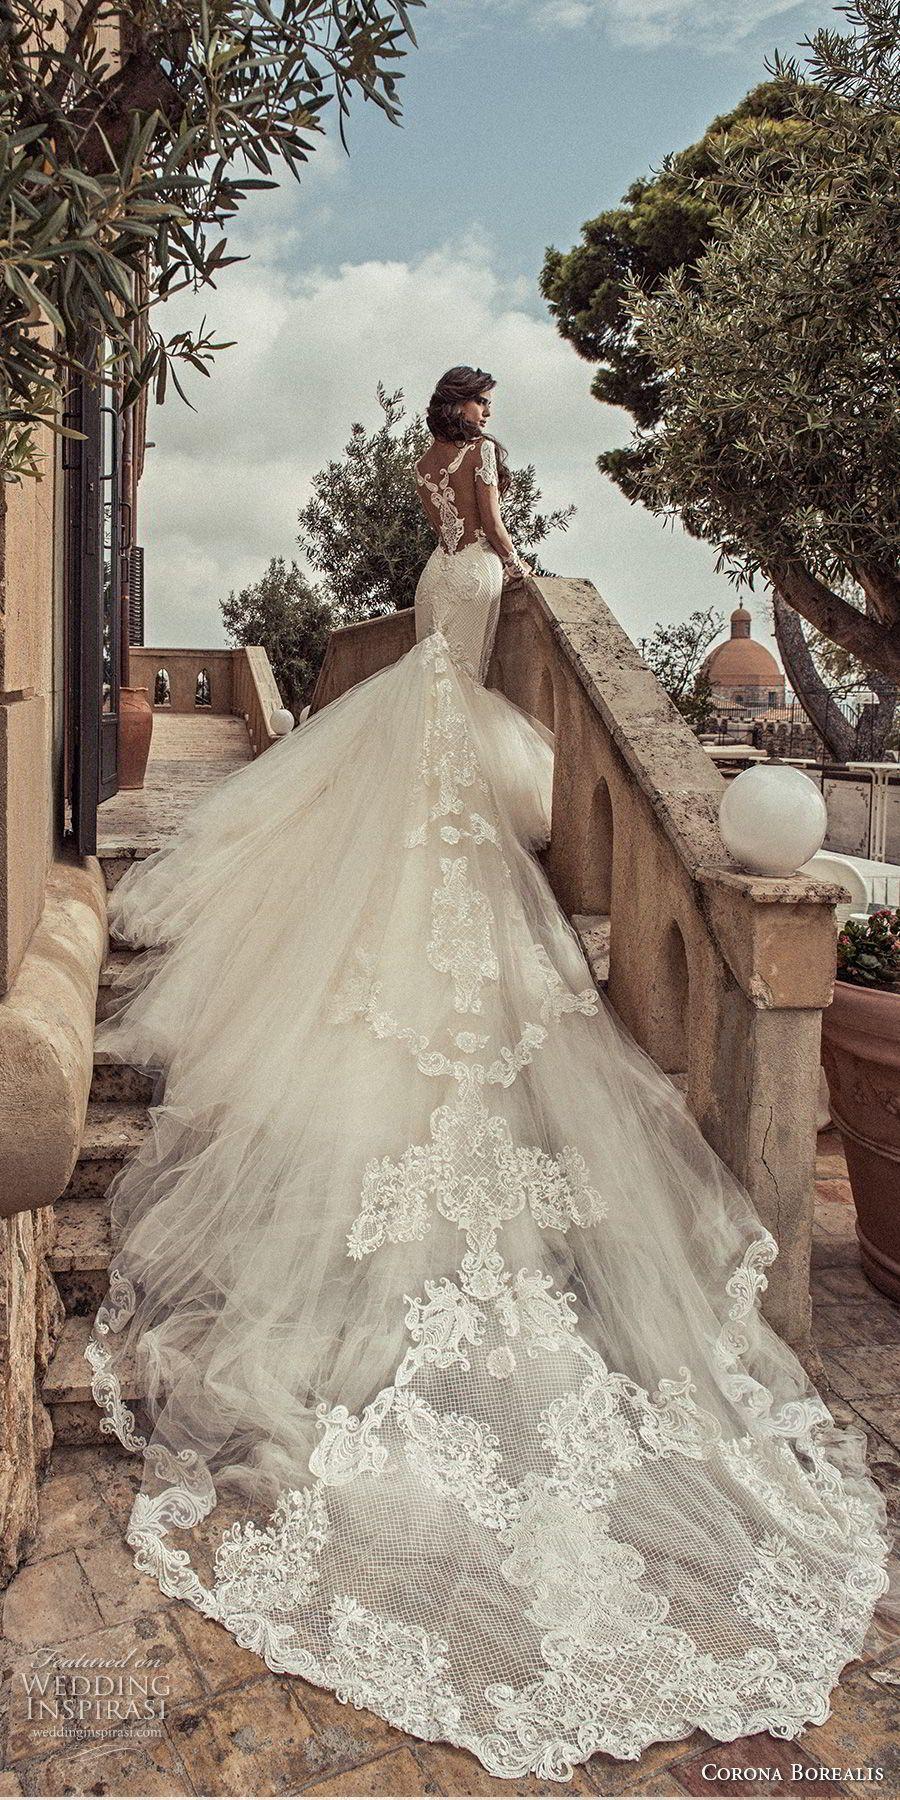 Wedding Inspirasi  Tumblr  Wedding Ideas  Wedding dresses Sheer wedding dress Dream wedding